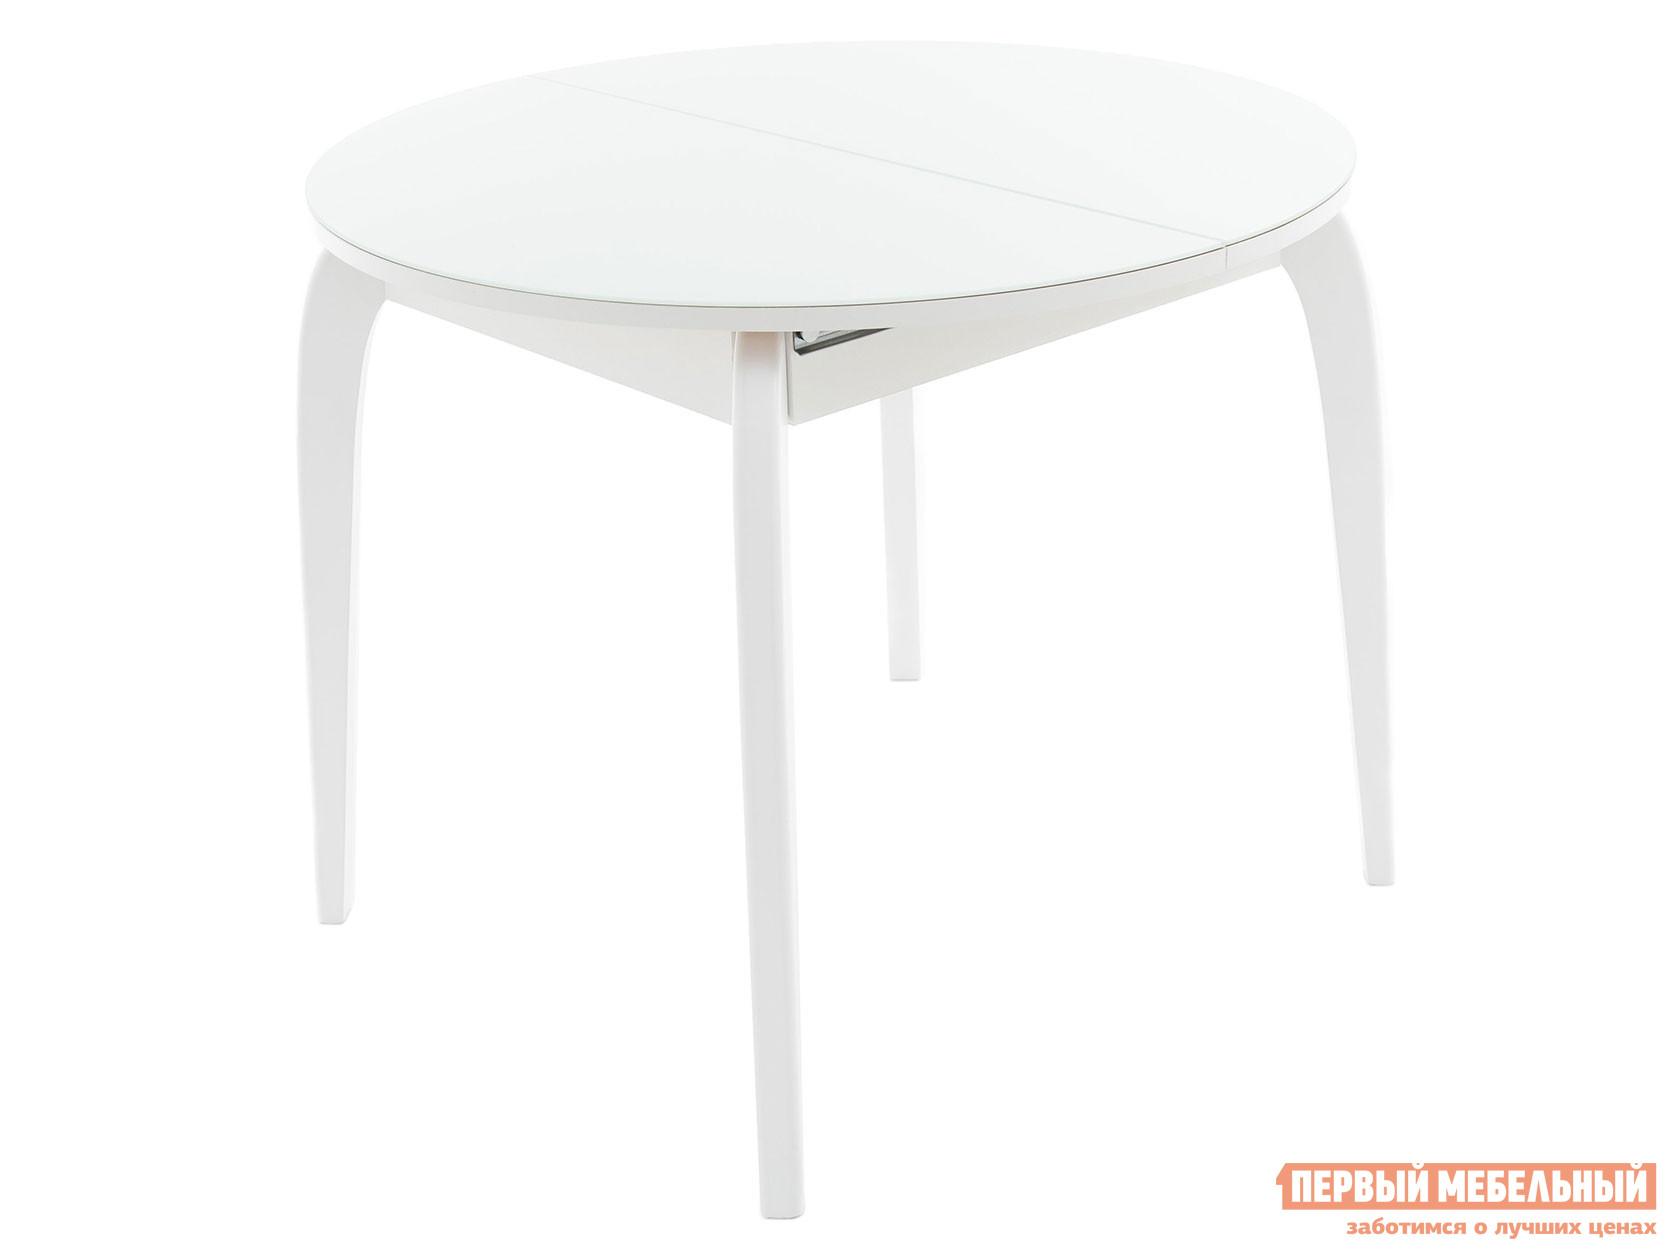 Кухонный стол Линоторг Стол раздвижной РИВЬЕРА СВ Круг- стекло (D 900) без ног + Опора №1 изогнутая из массива дерева (Белый комплект из 4 ног)